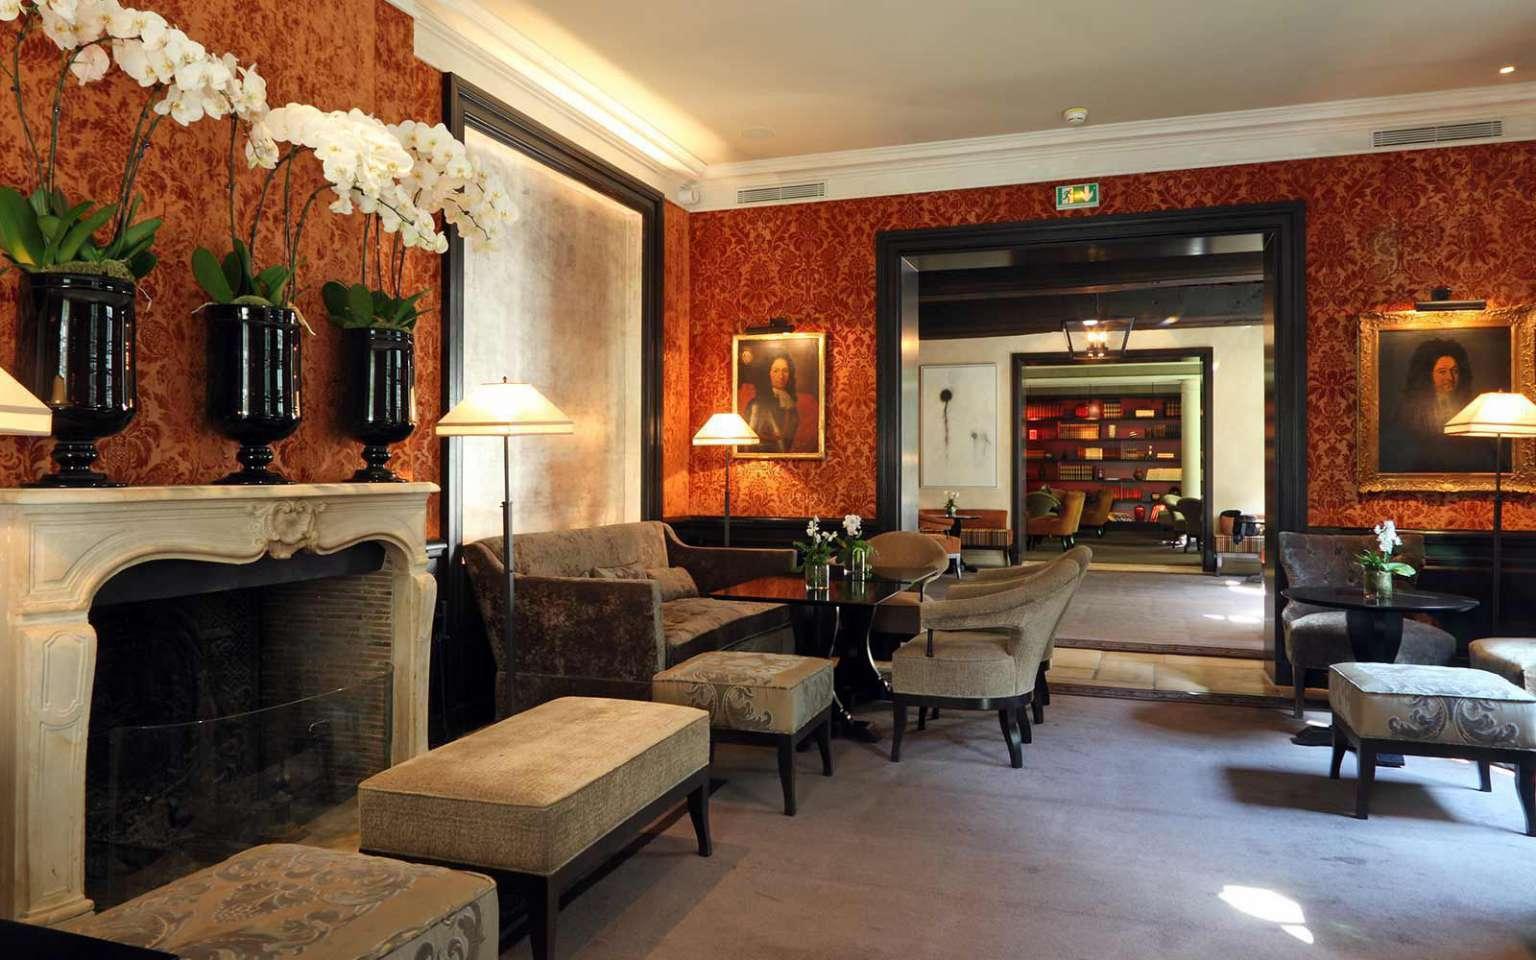 Pavillon_de_la_Reine_lobby